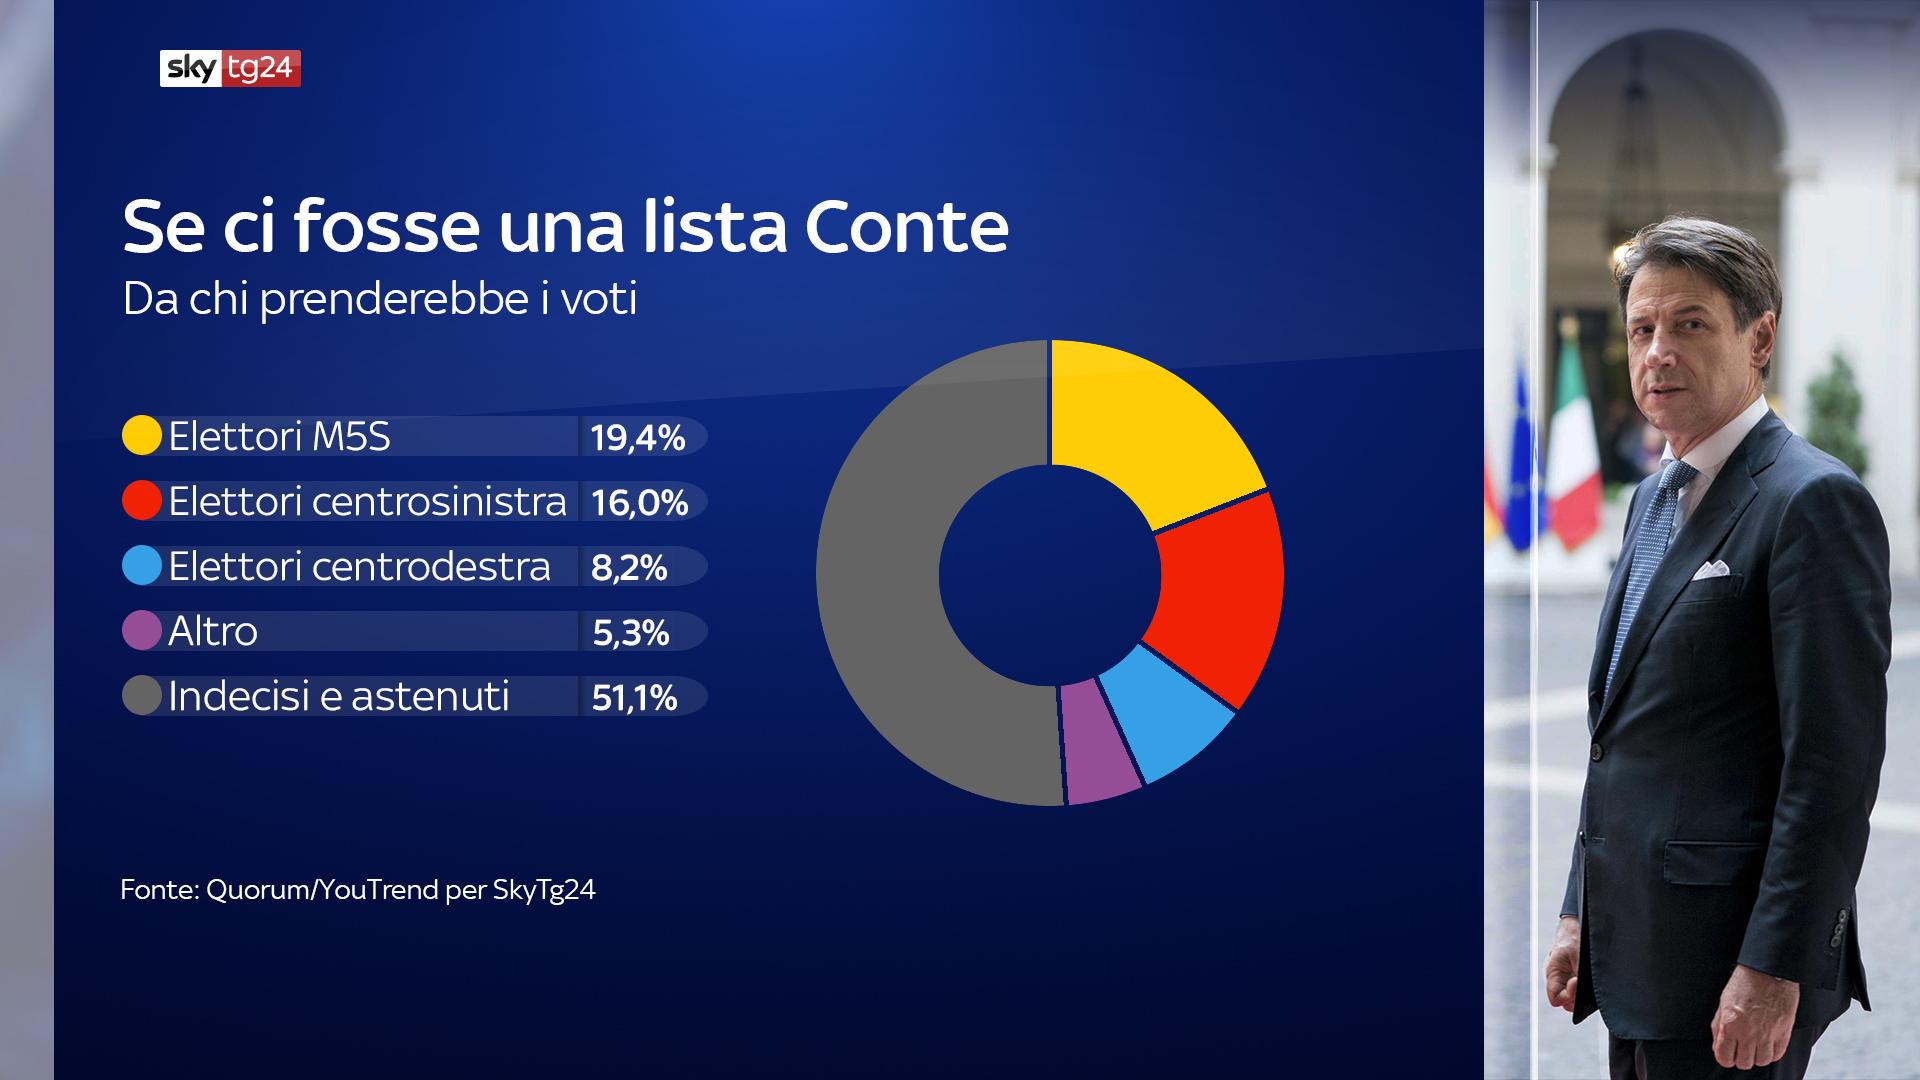 Sondaggi, una lista Conte vale il 14 per cento: ruberebbe a